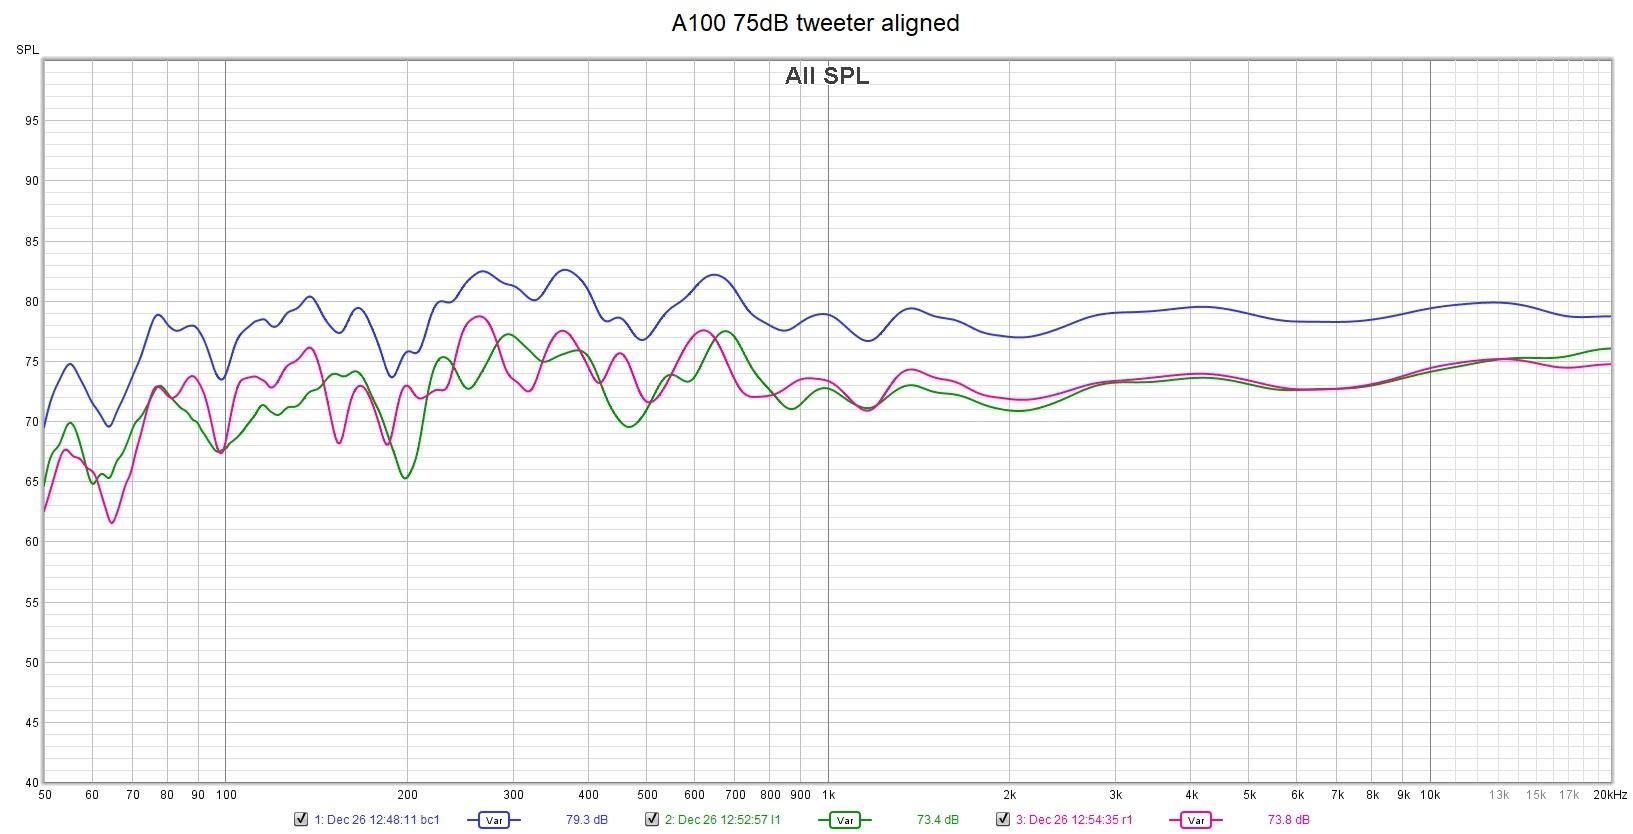 A100 75dB tweeter aligned.jpg